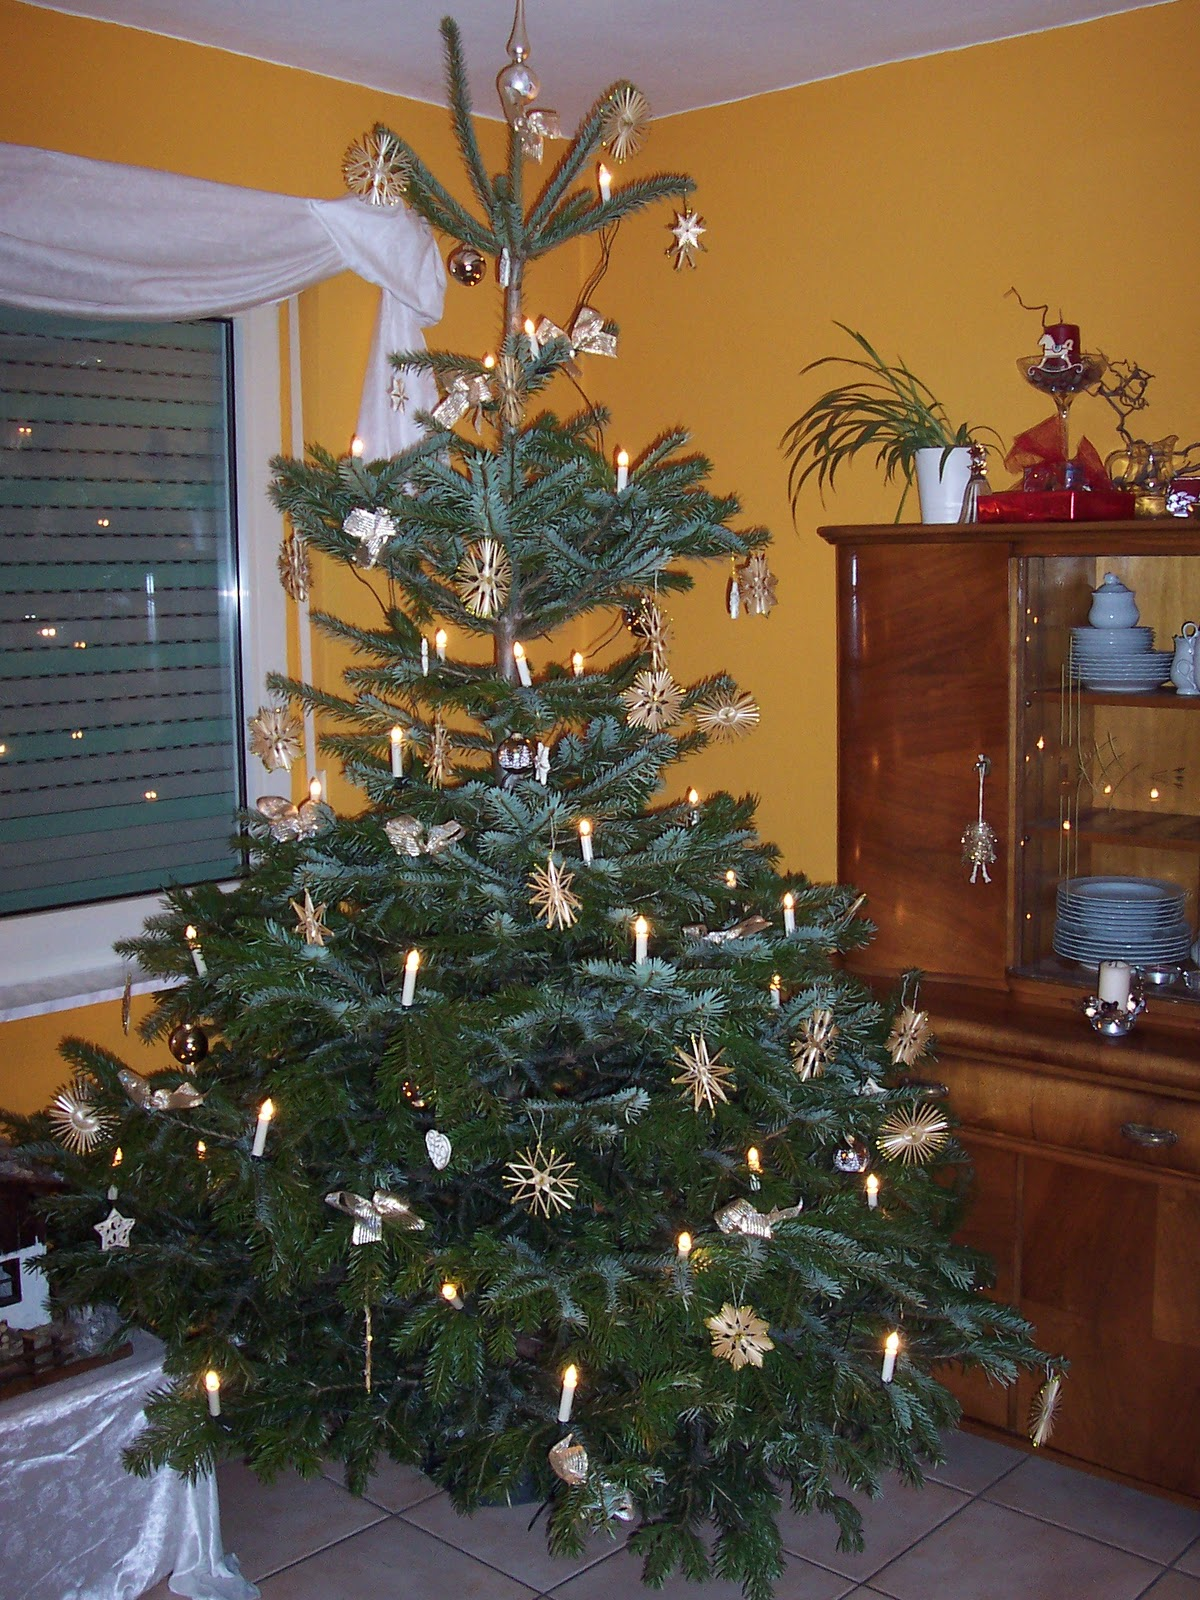 weihnachts elfchen ein bi chen sp t. Black Bedroom Furniture Sets. Home Design Ideas